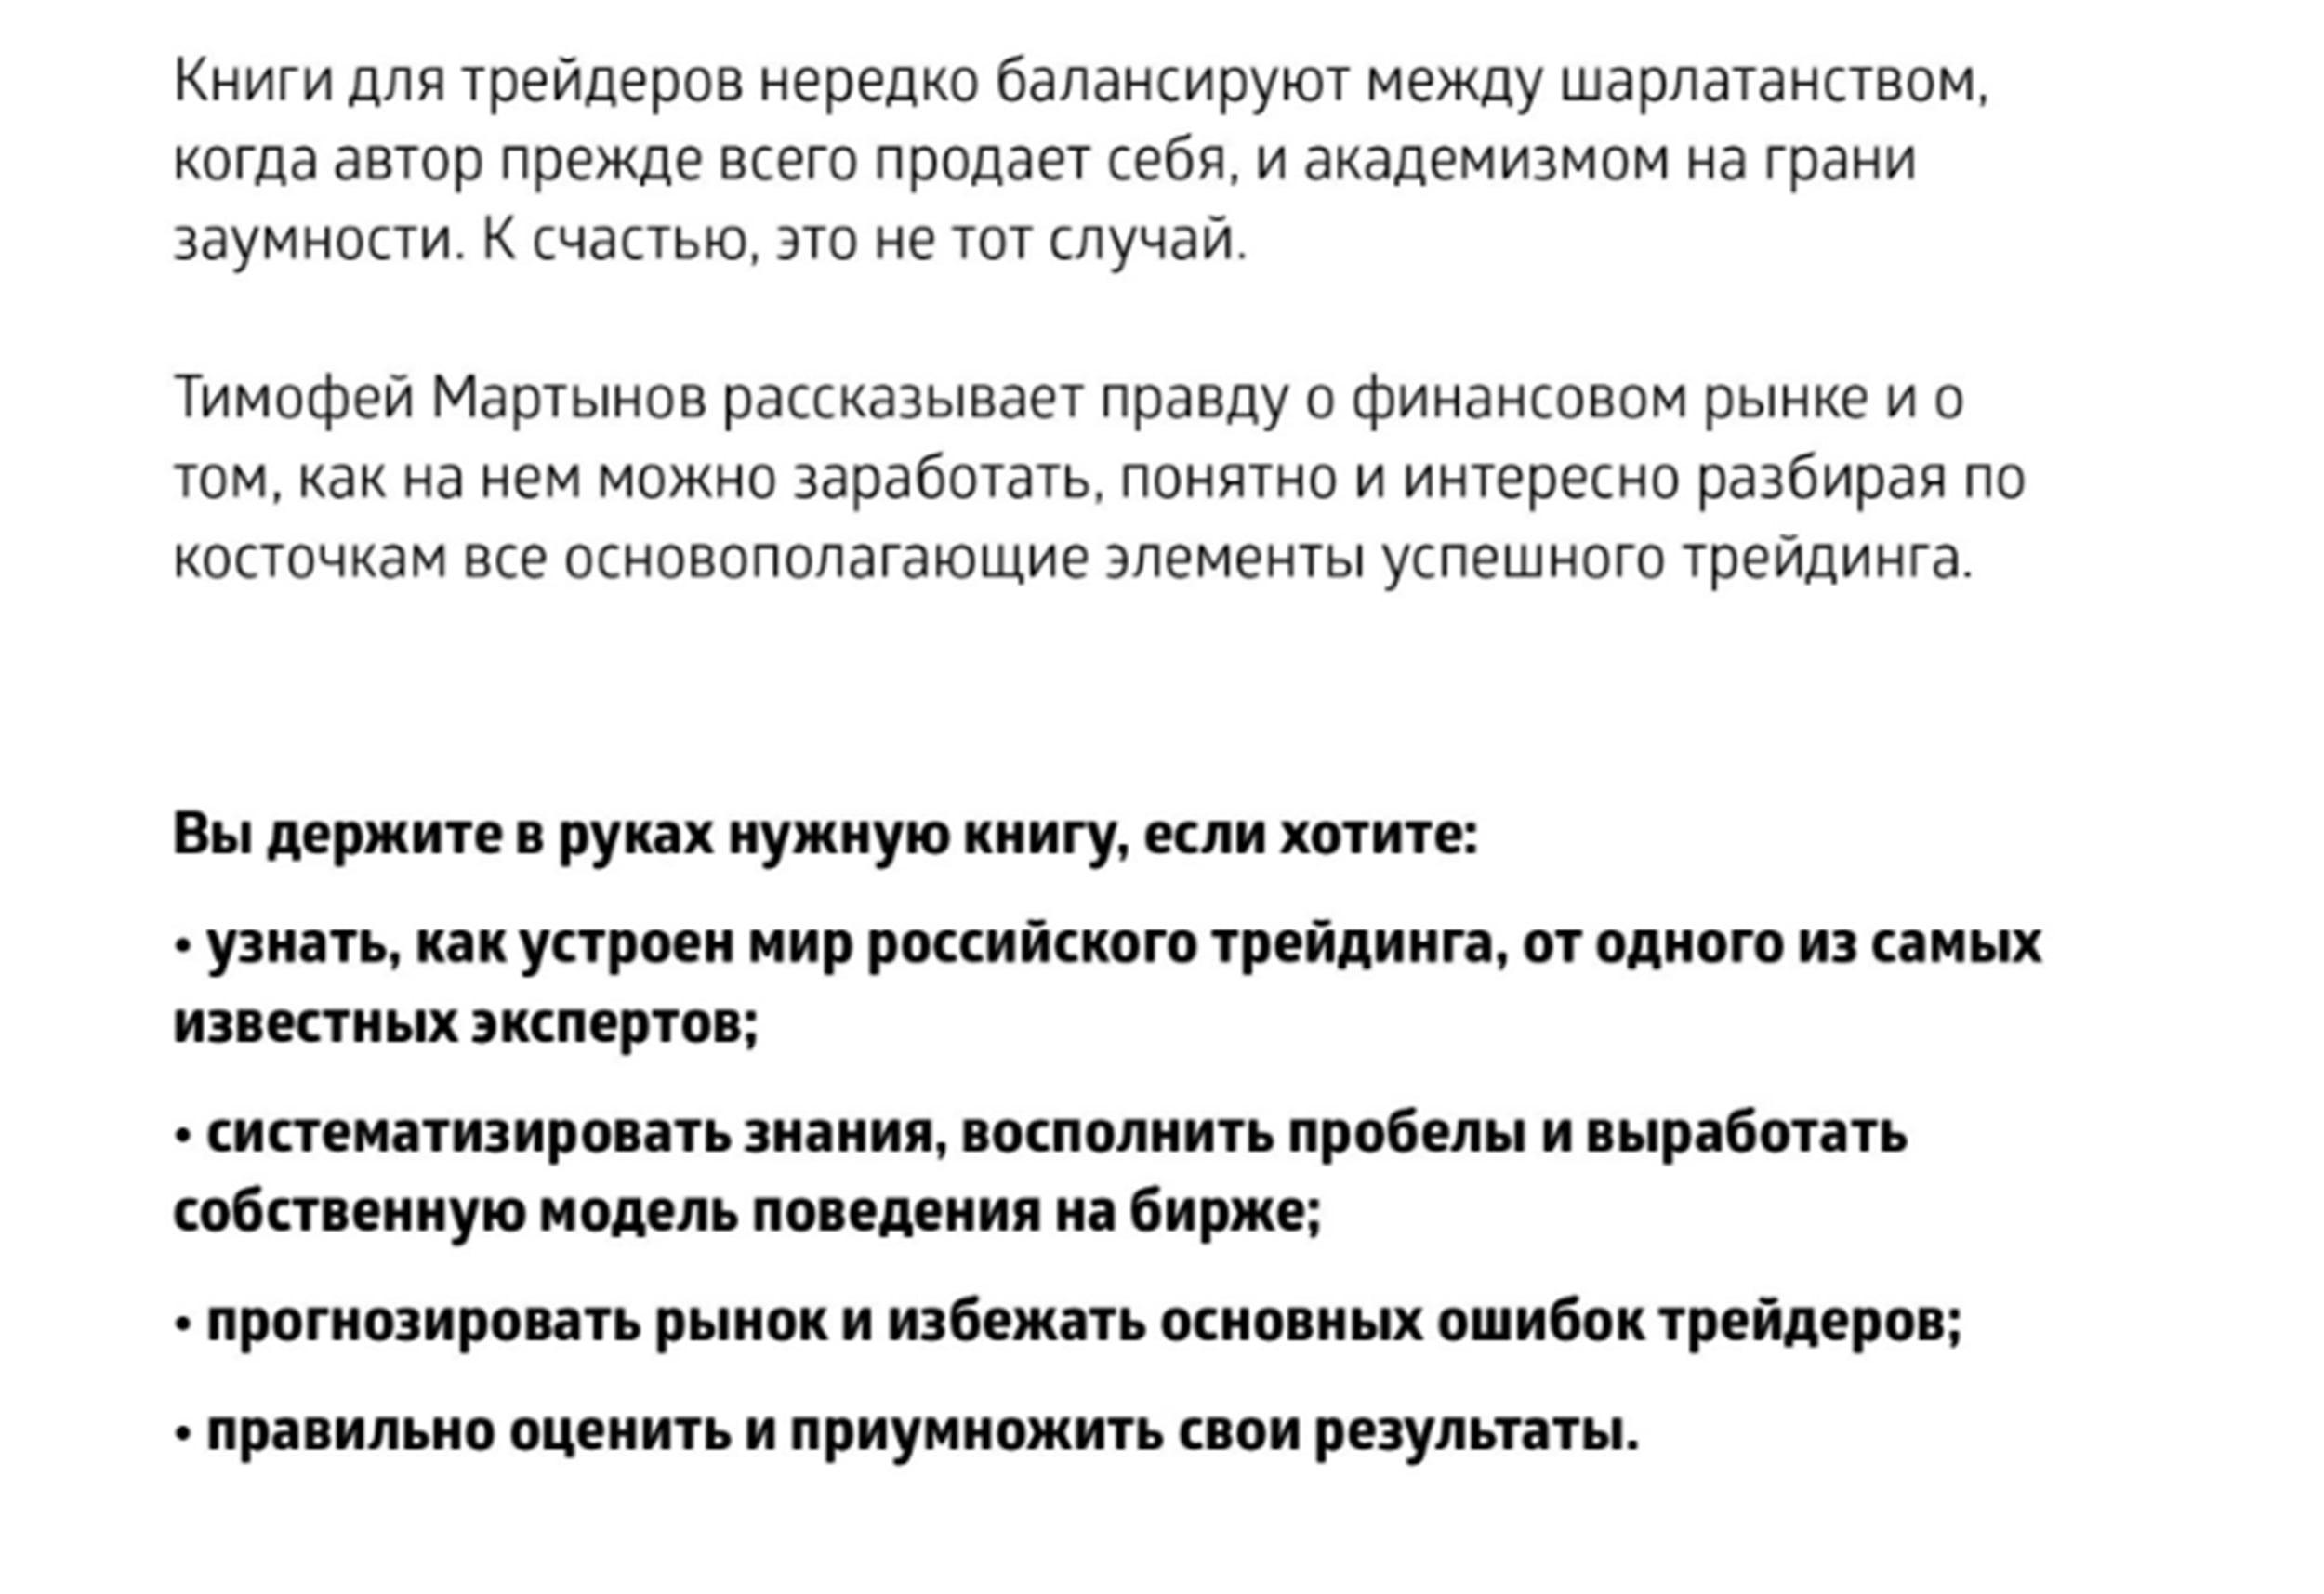 текст на обложке книги Тимофея Мартынова «Механизм трейдинга» (рецензия)